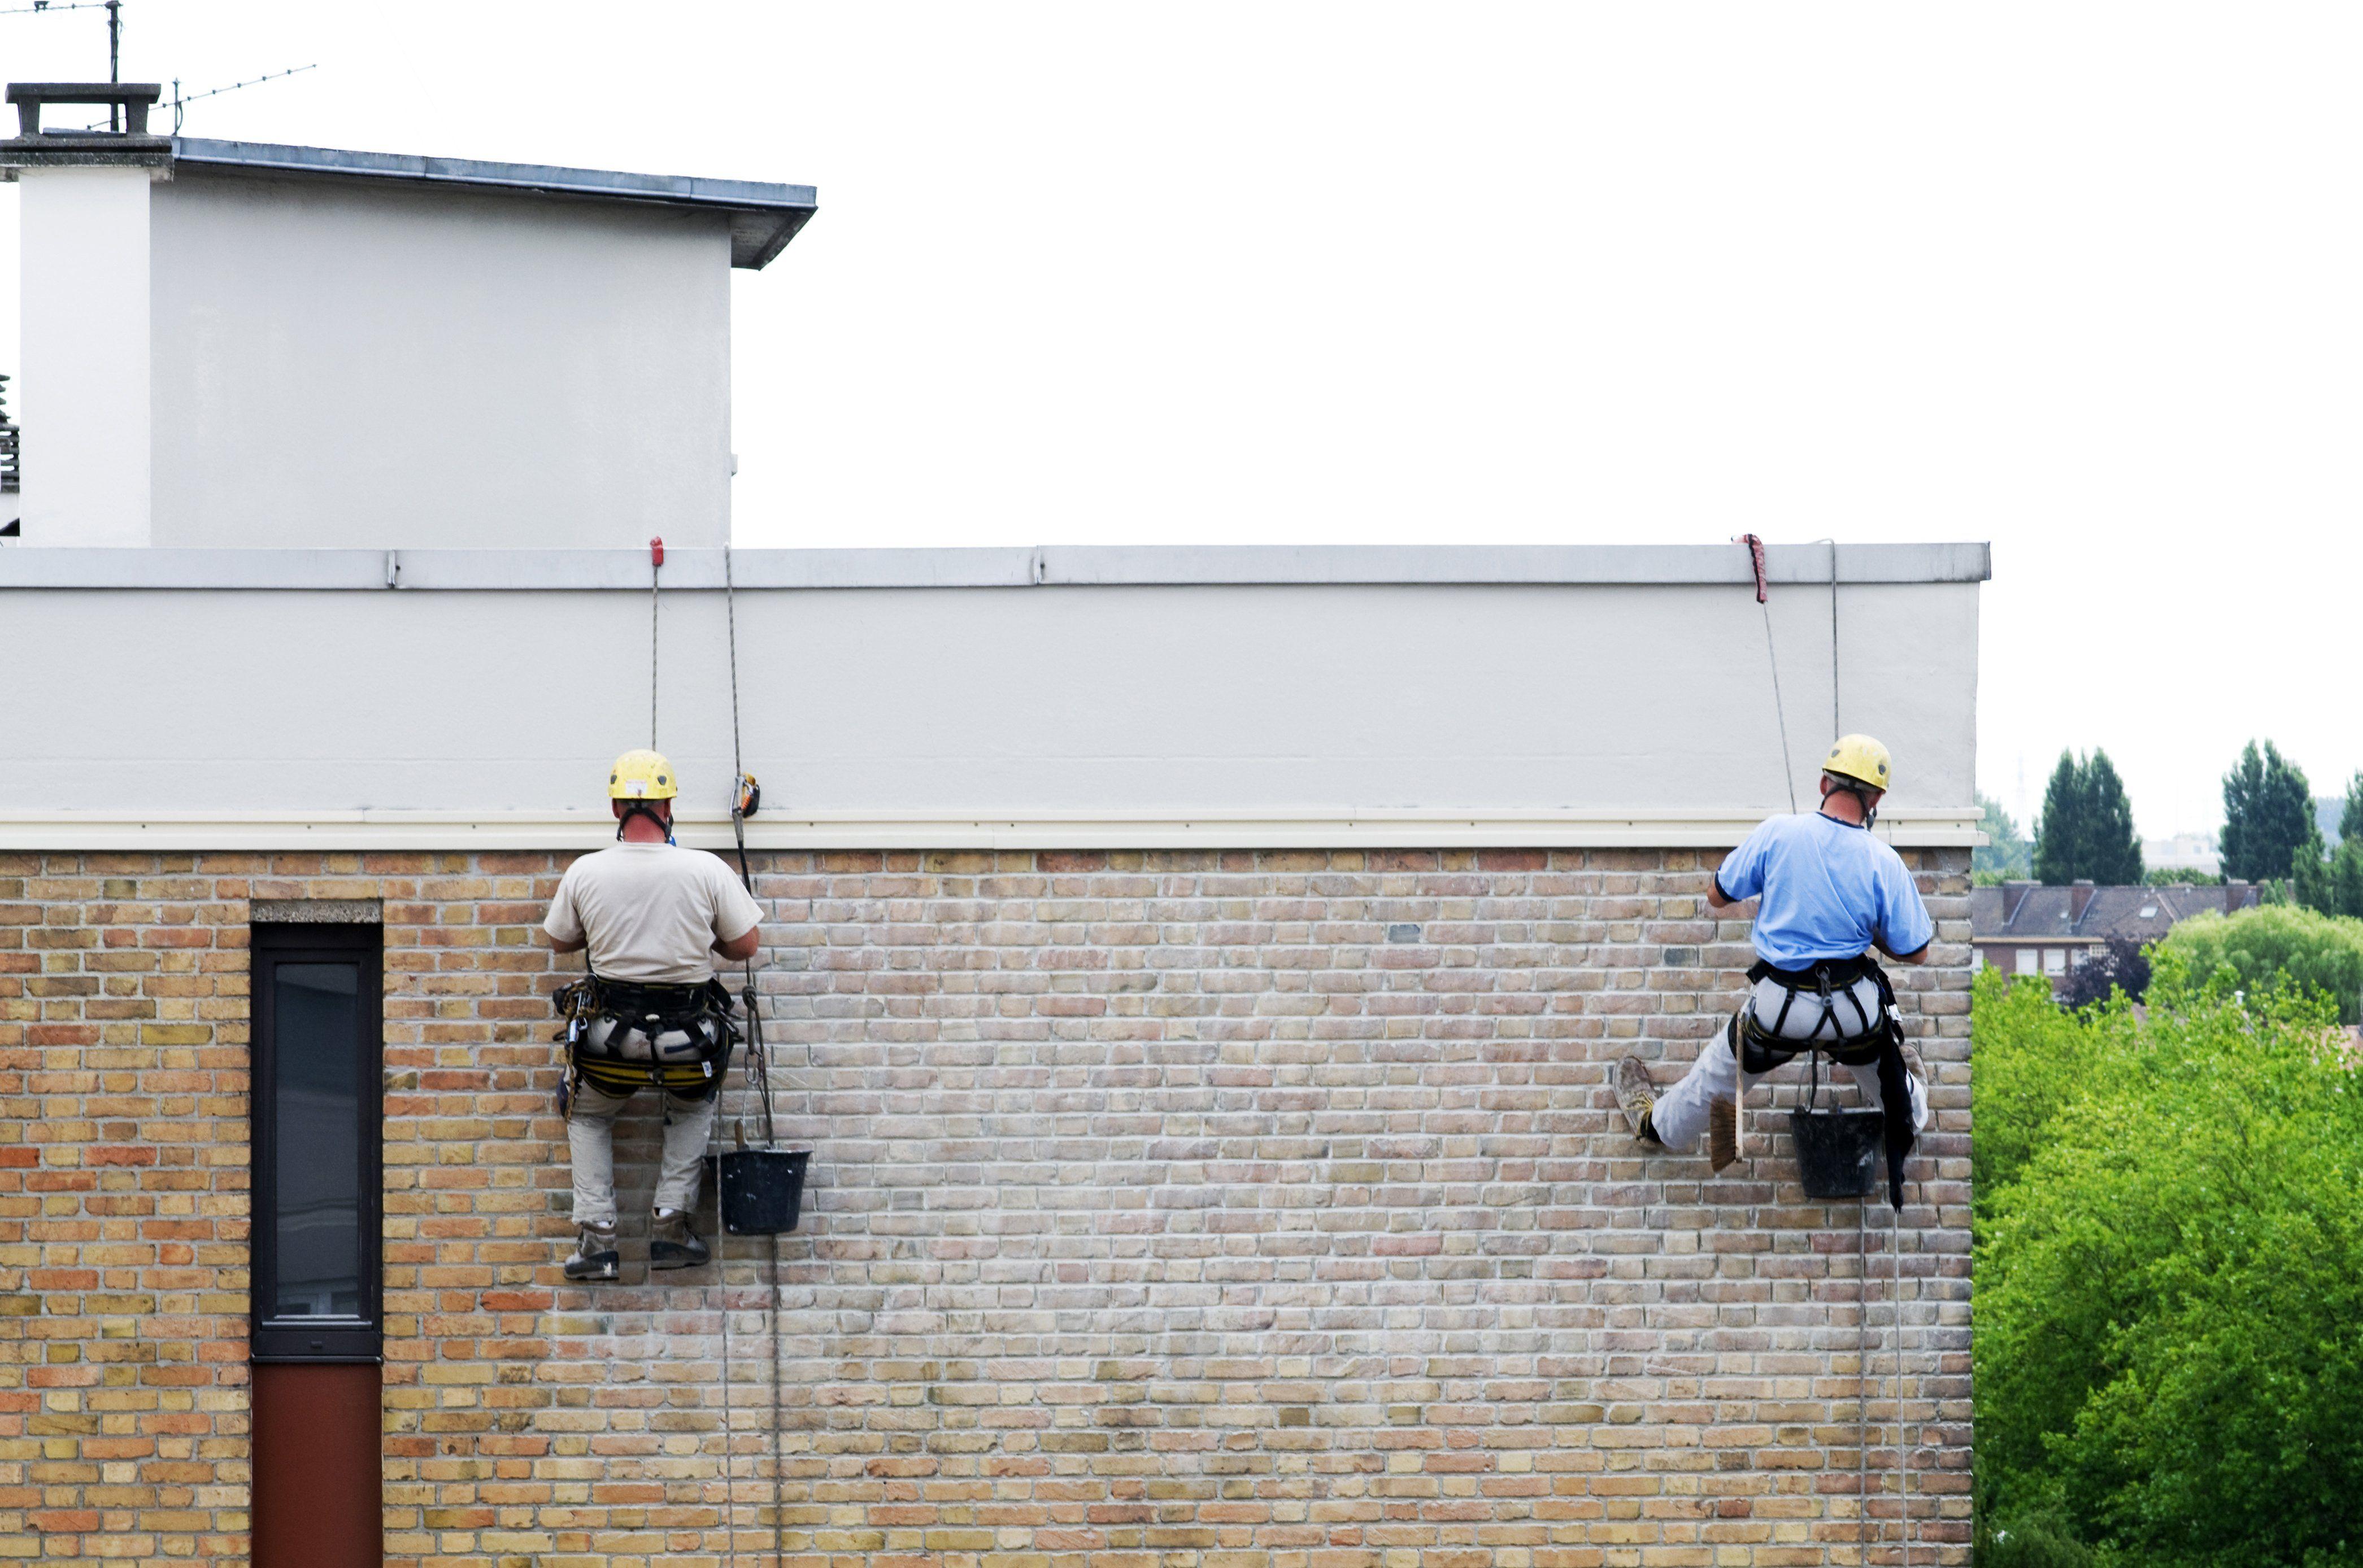 Trabajos verticales servicios de cubiertas y tejados am - Cubiertas y tejados ...